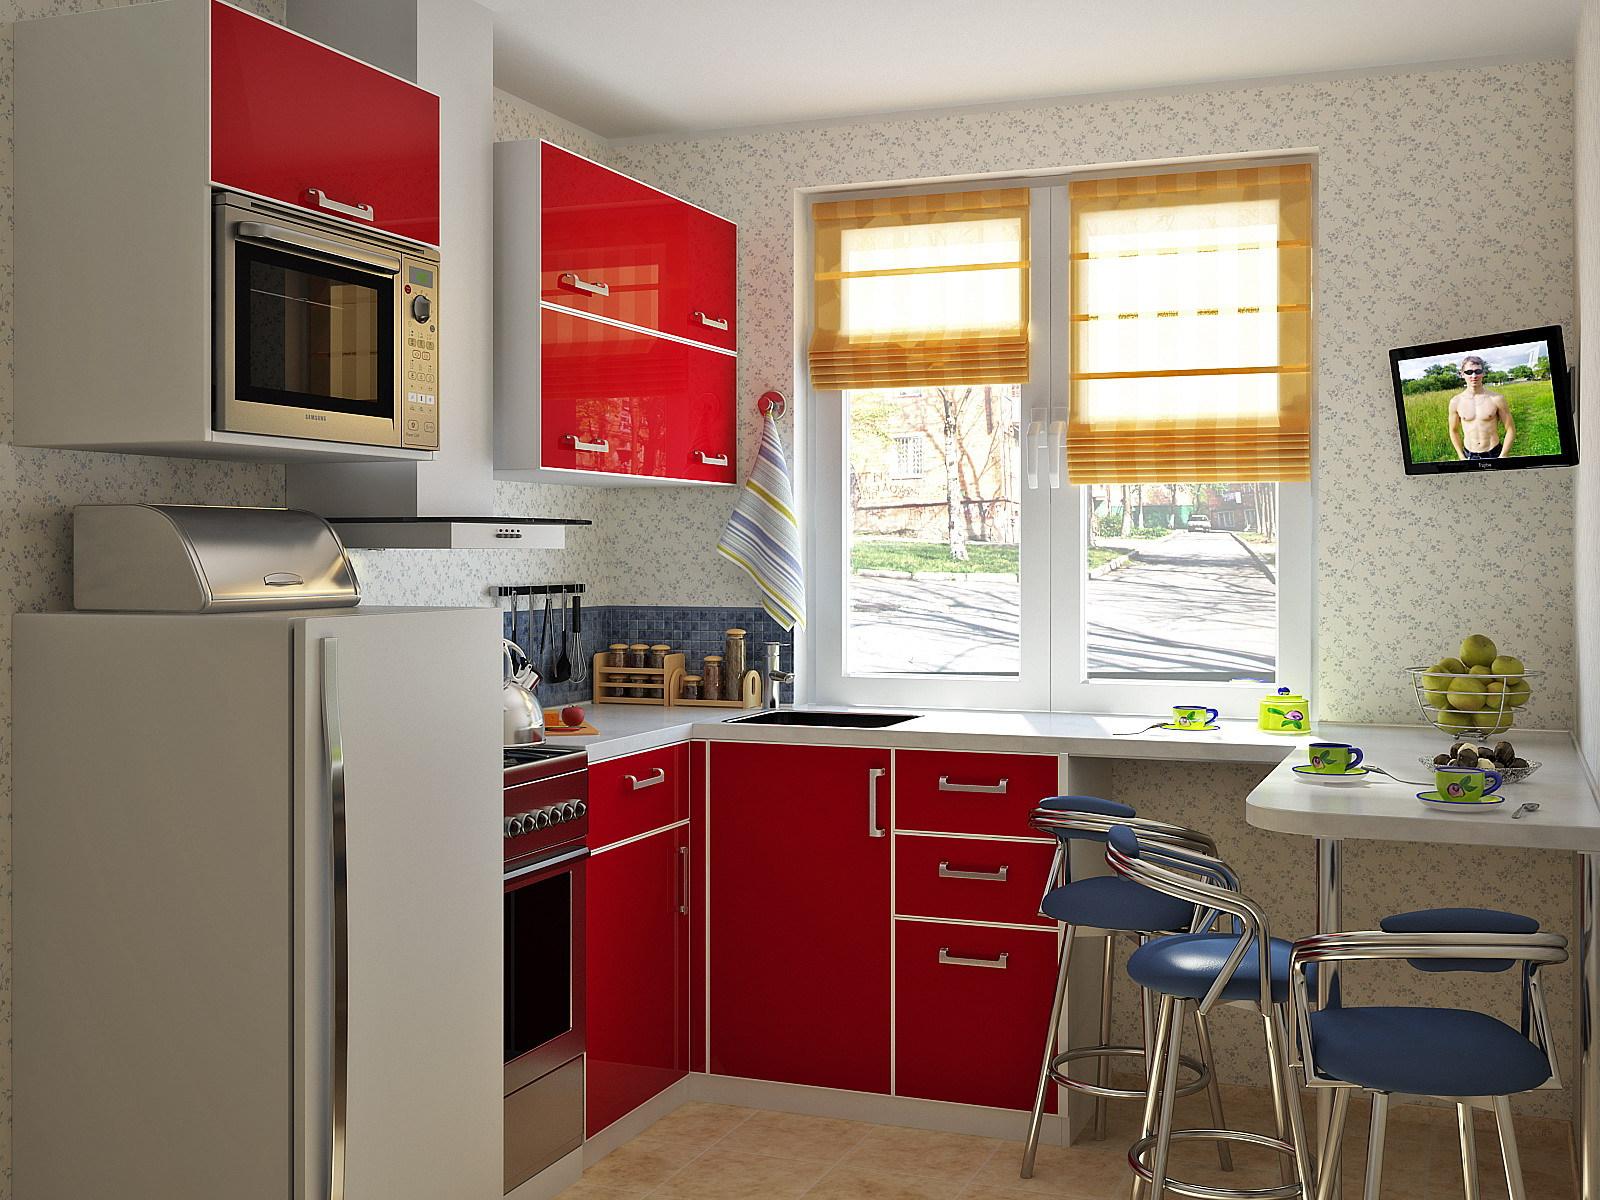 Кухонная мебель для маленькой кухни фото своими руками